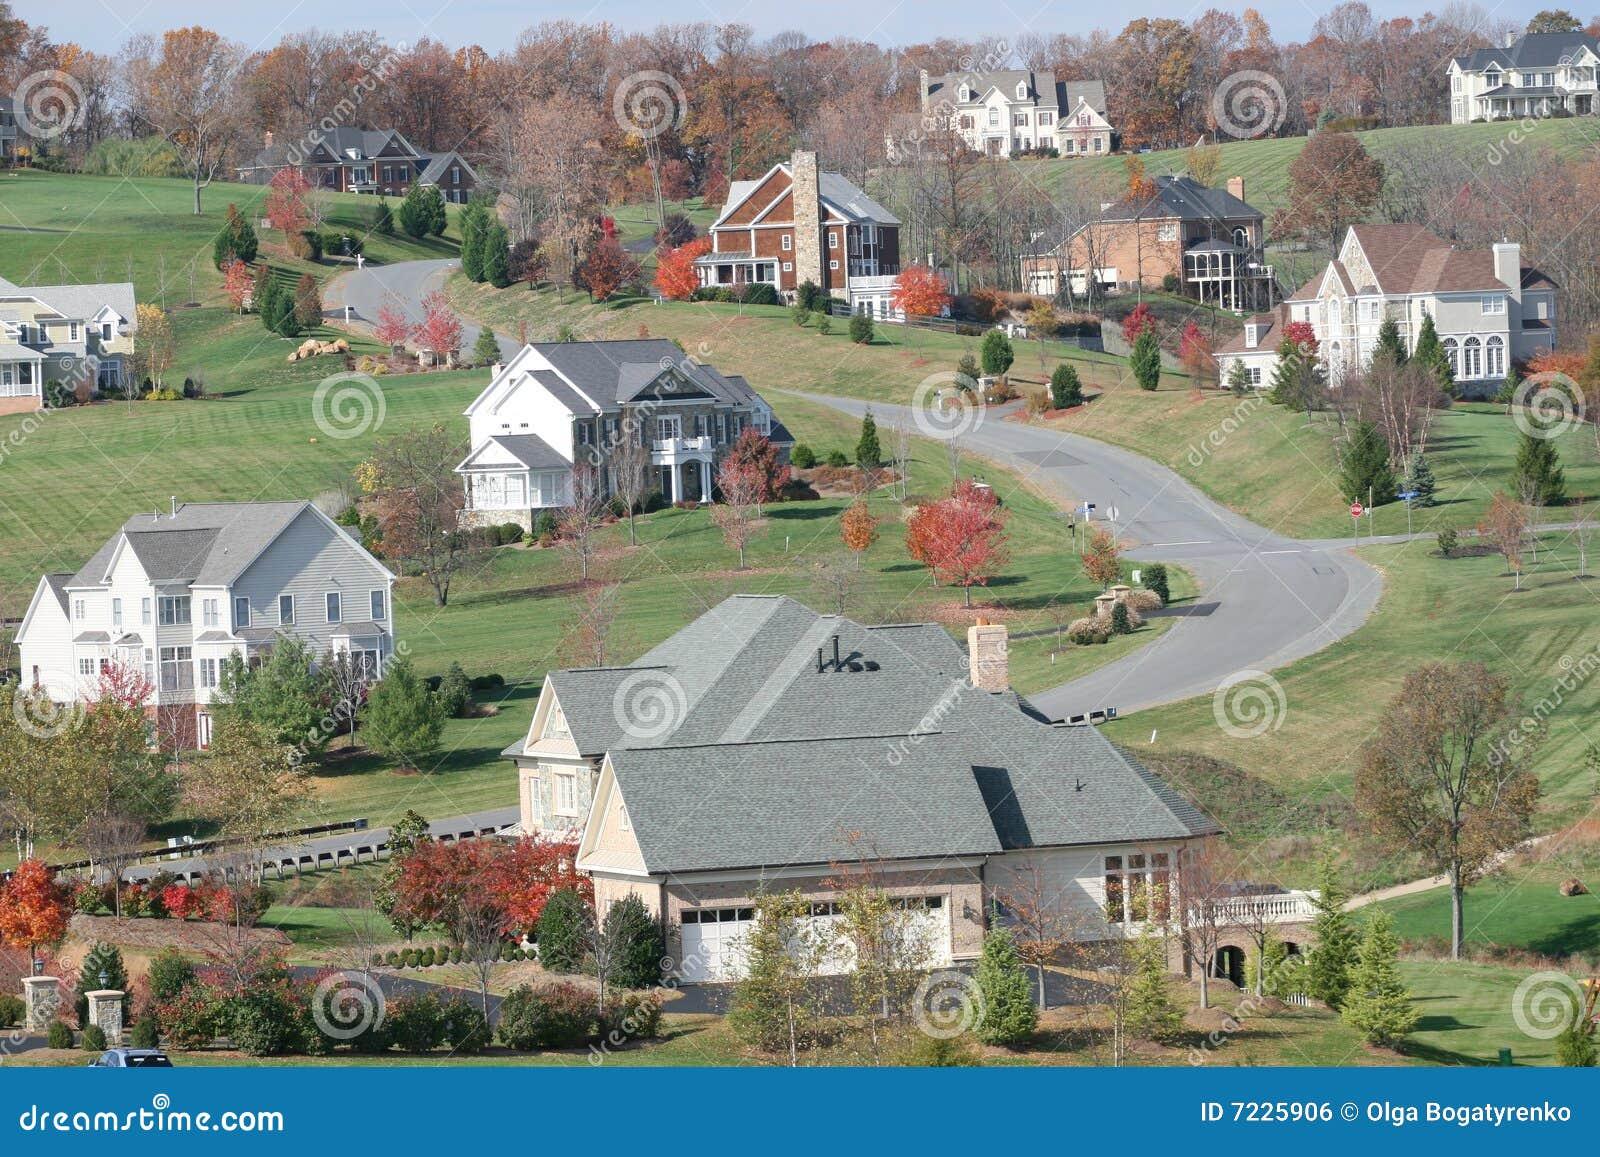 Fall homes houses luxury season upscale